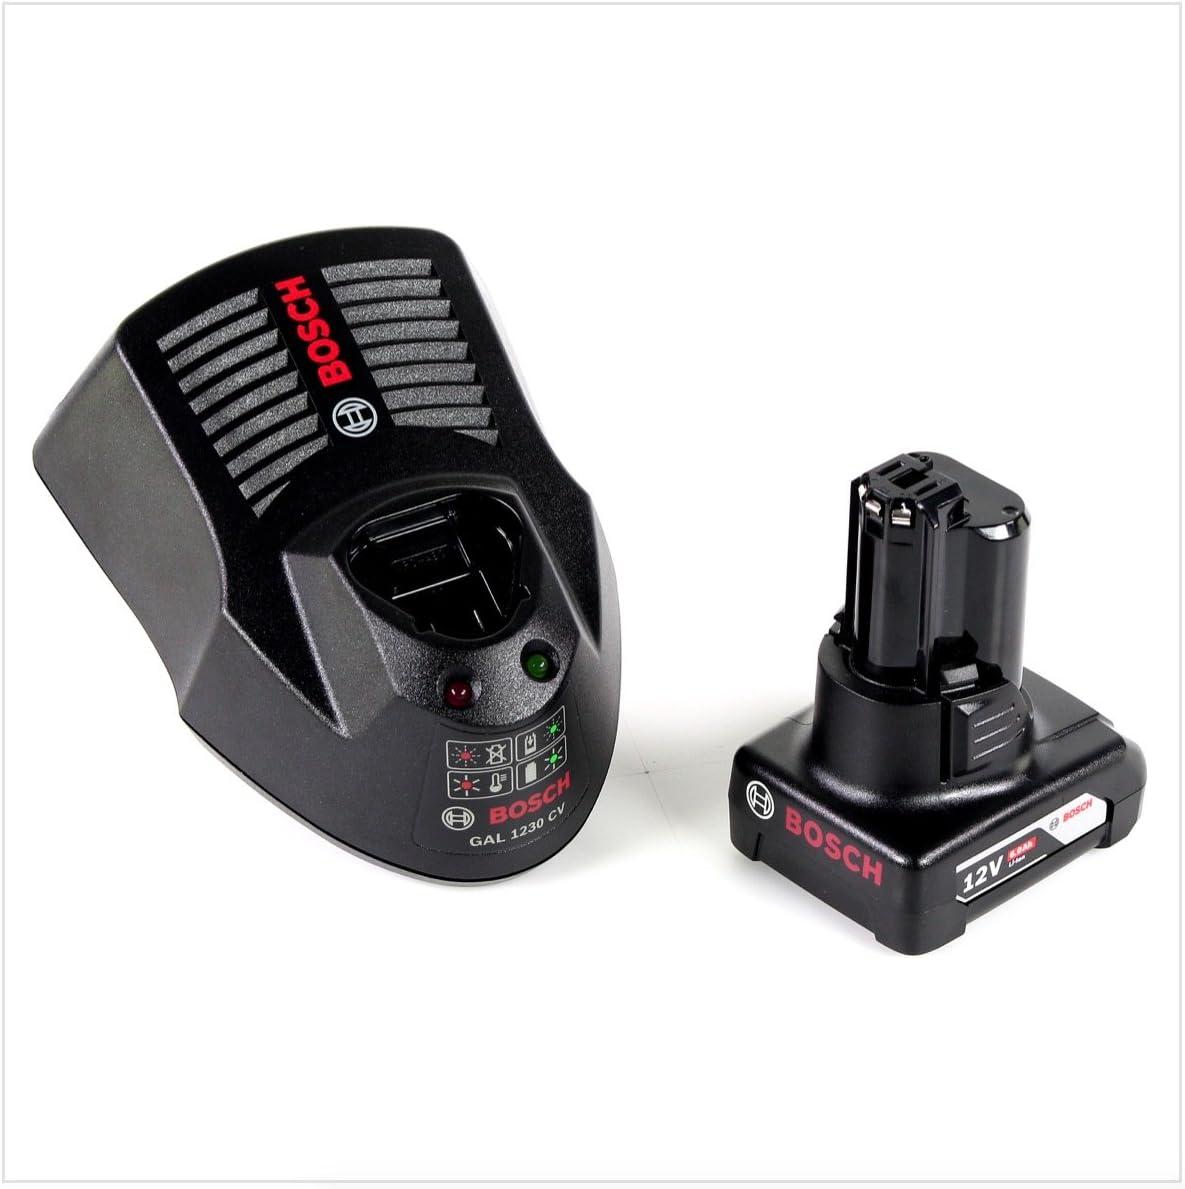 1x Batterie GBA 12 V 6,0 Ah Chargeur GAL 1230 CV bo/îtier L-Boxx Bosch GOP 12V-28 Professional D/écoupeur-ponceur sans fil Brushless avec Starlock